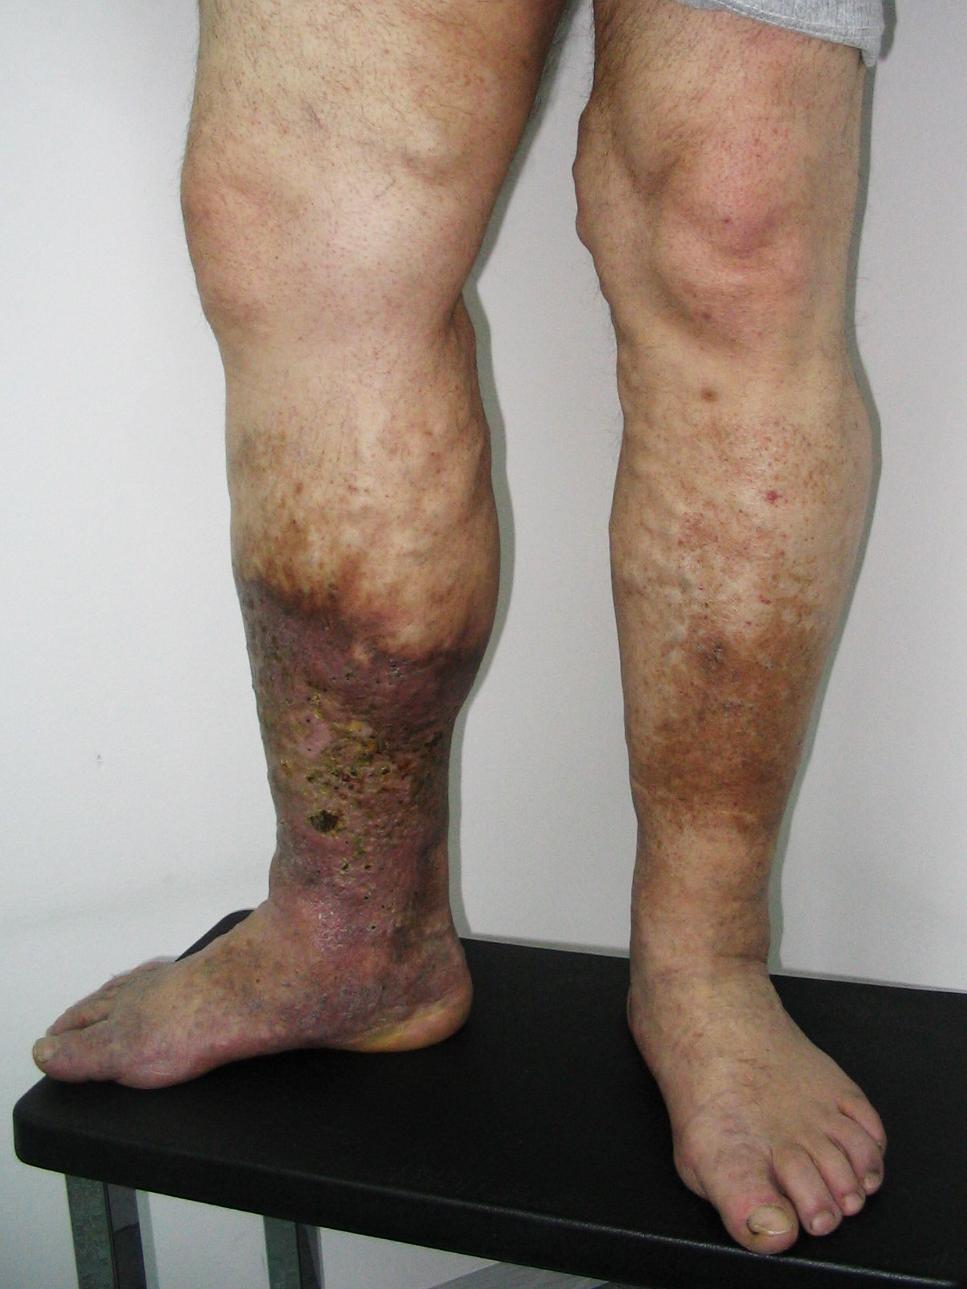 visszér sochi hogyan lehet bekötözni a lábát a visszeres műtét után